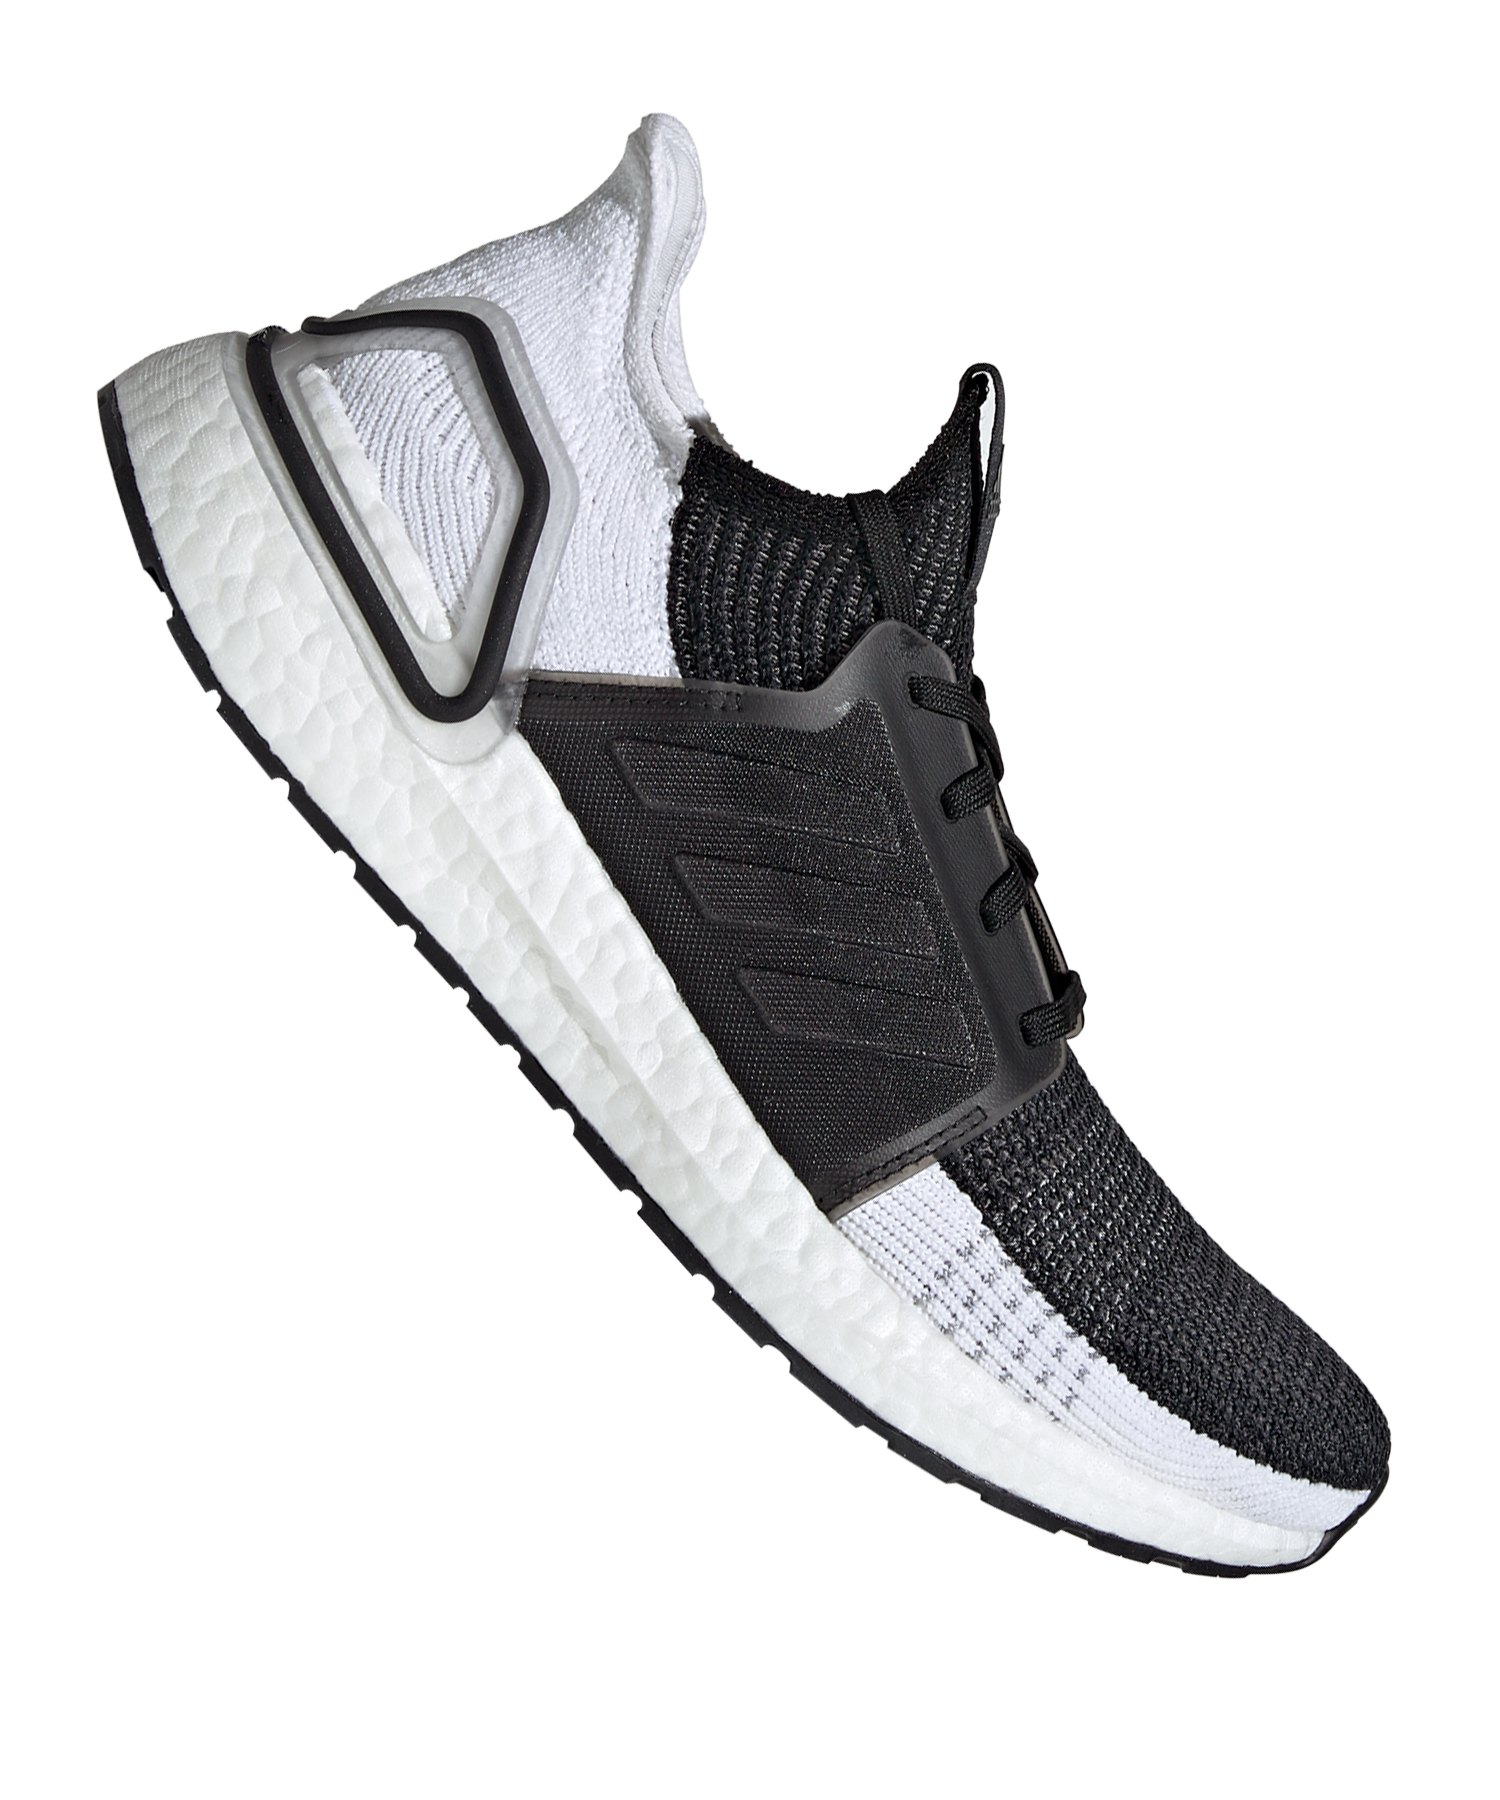 Frauen Adidas Ultra Boost V2 Schuhe : adidas schweiz, adidas